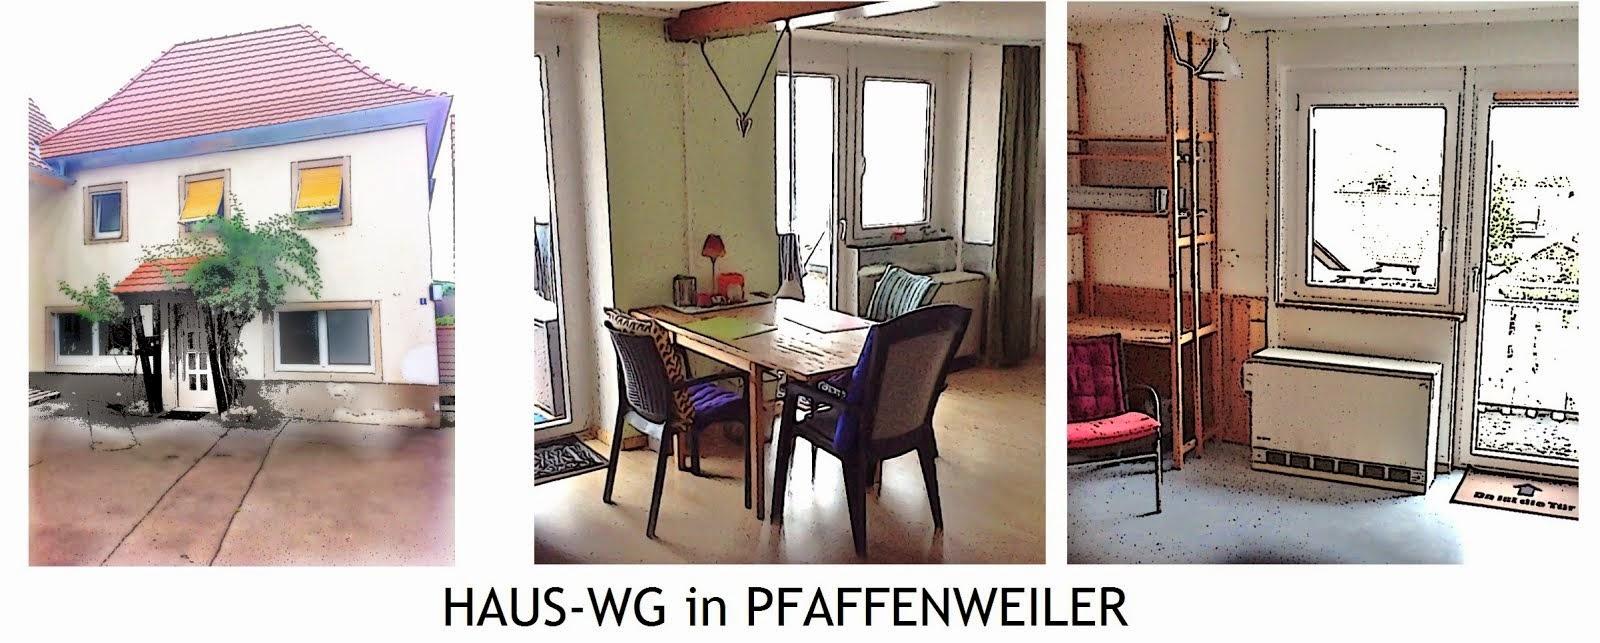 BLOG HAUS-WG PFAFFENWEILER WOHNEN + LEBEN